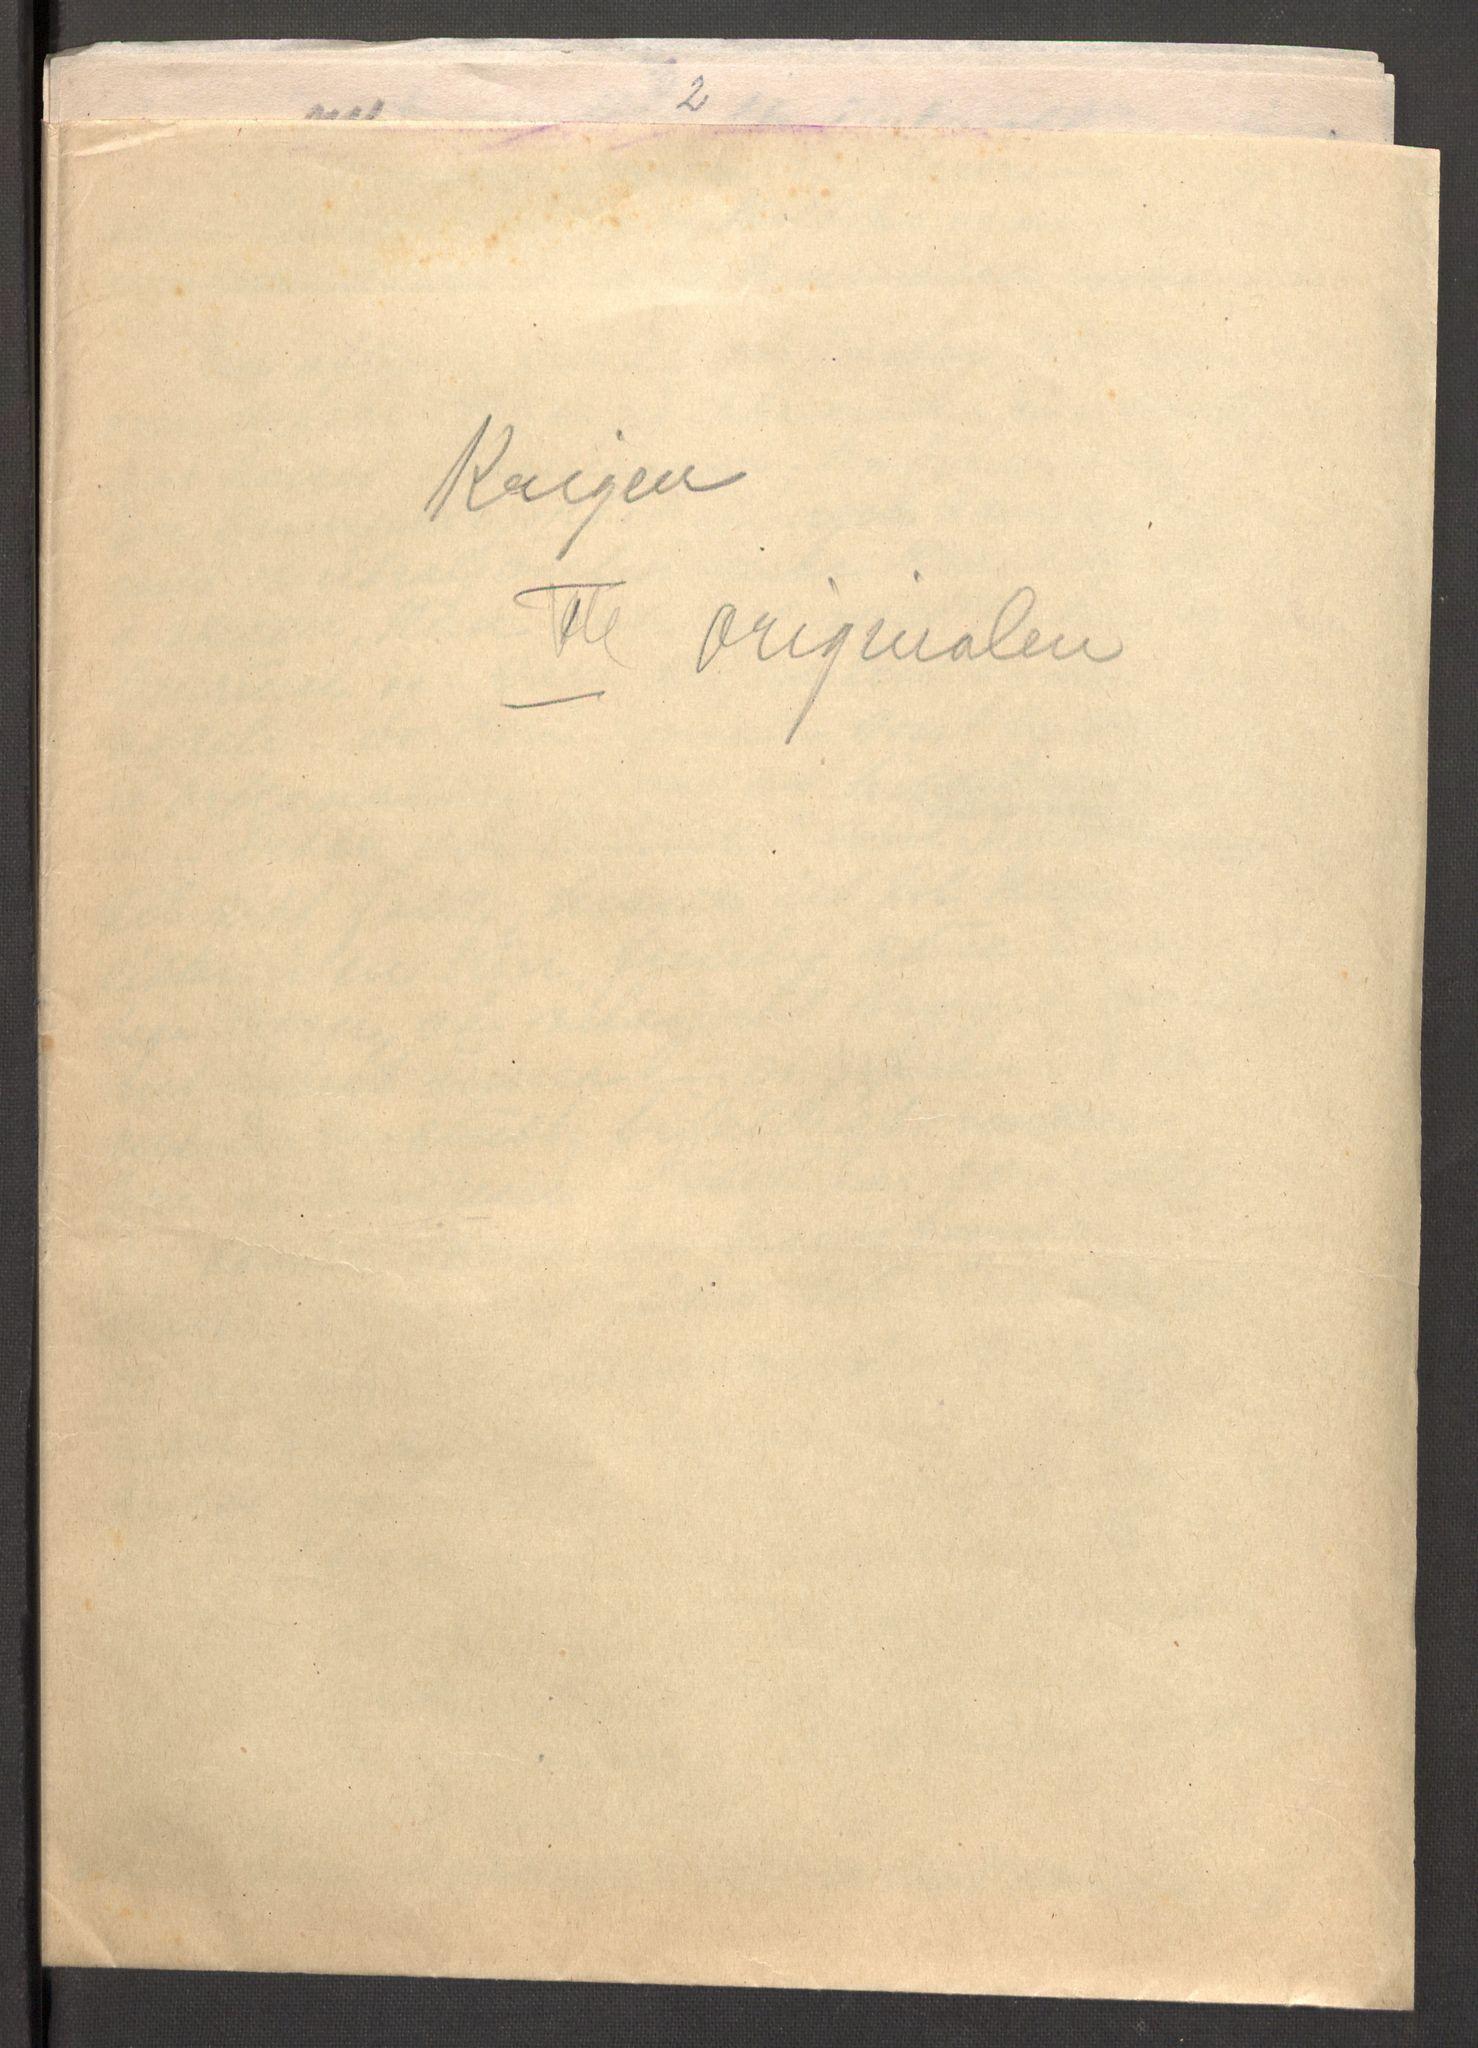 RA, Sinding-Larsen, Magna*, 1946, s. 411